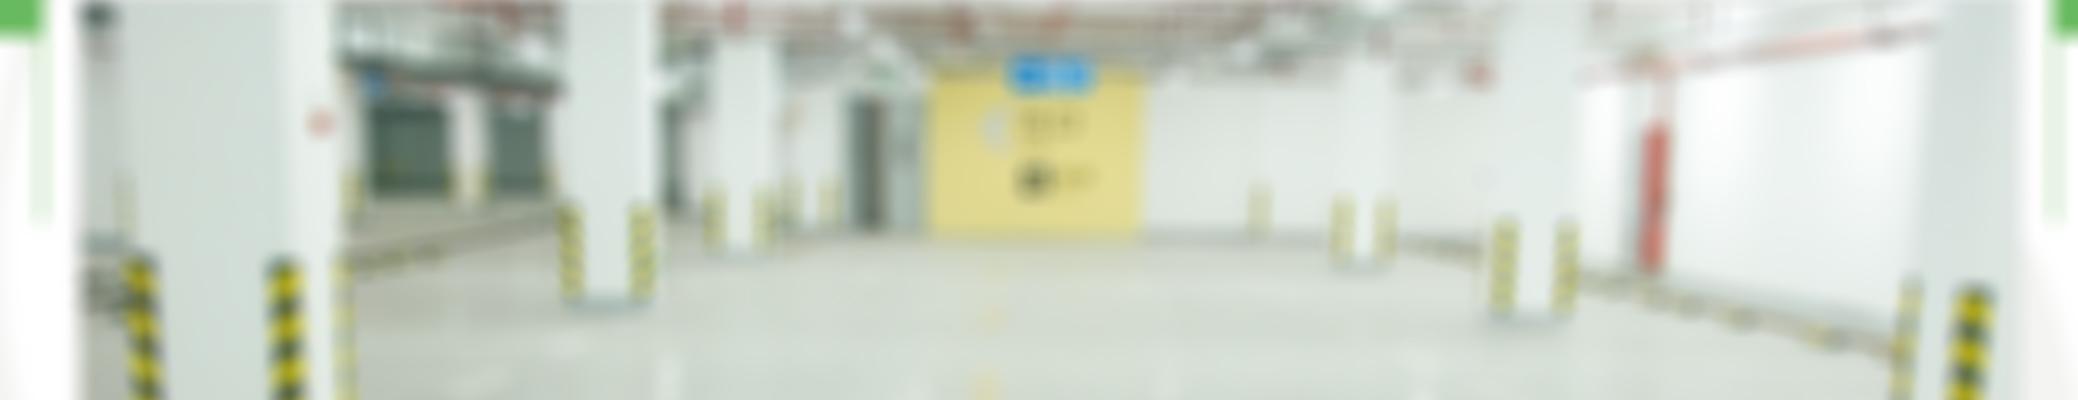 昆山环氧地坪漆,水性地坪漆,苏州地坪施工-地坪漆_环氧地坪_耐磨地坪_防静电地坪_地坪材料_水性聚氨酯地坪漆_树脂砂浆地坪漆_水性地坪